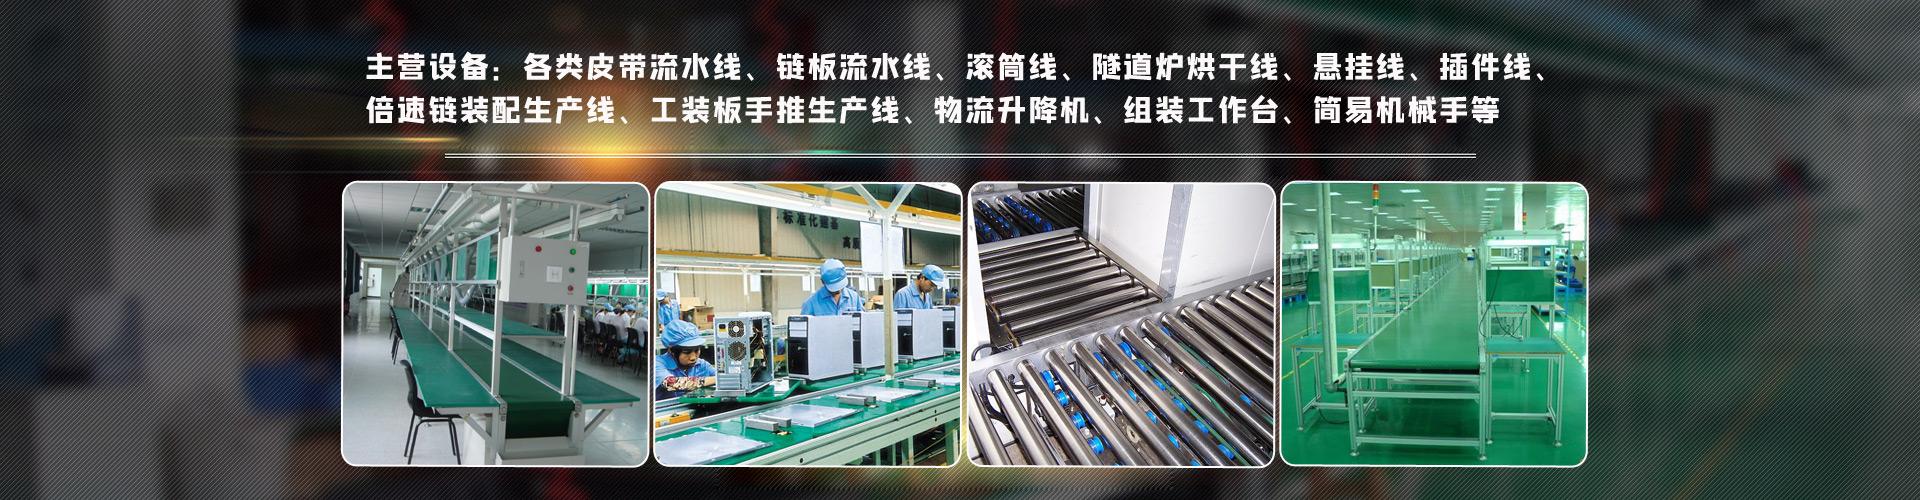 南京博萃自动化